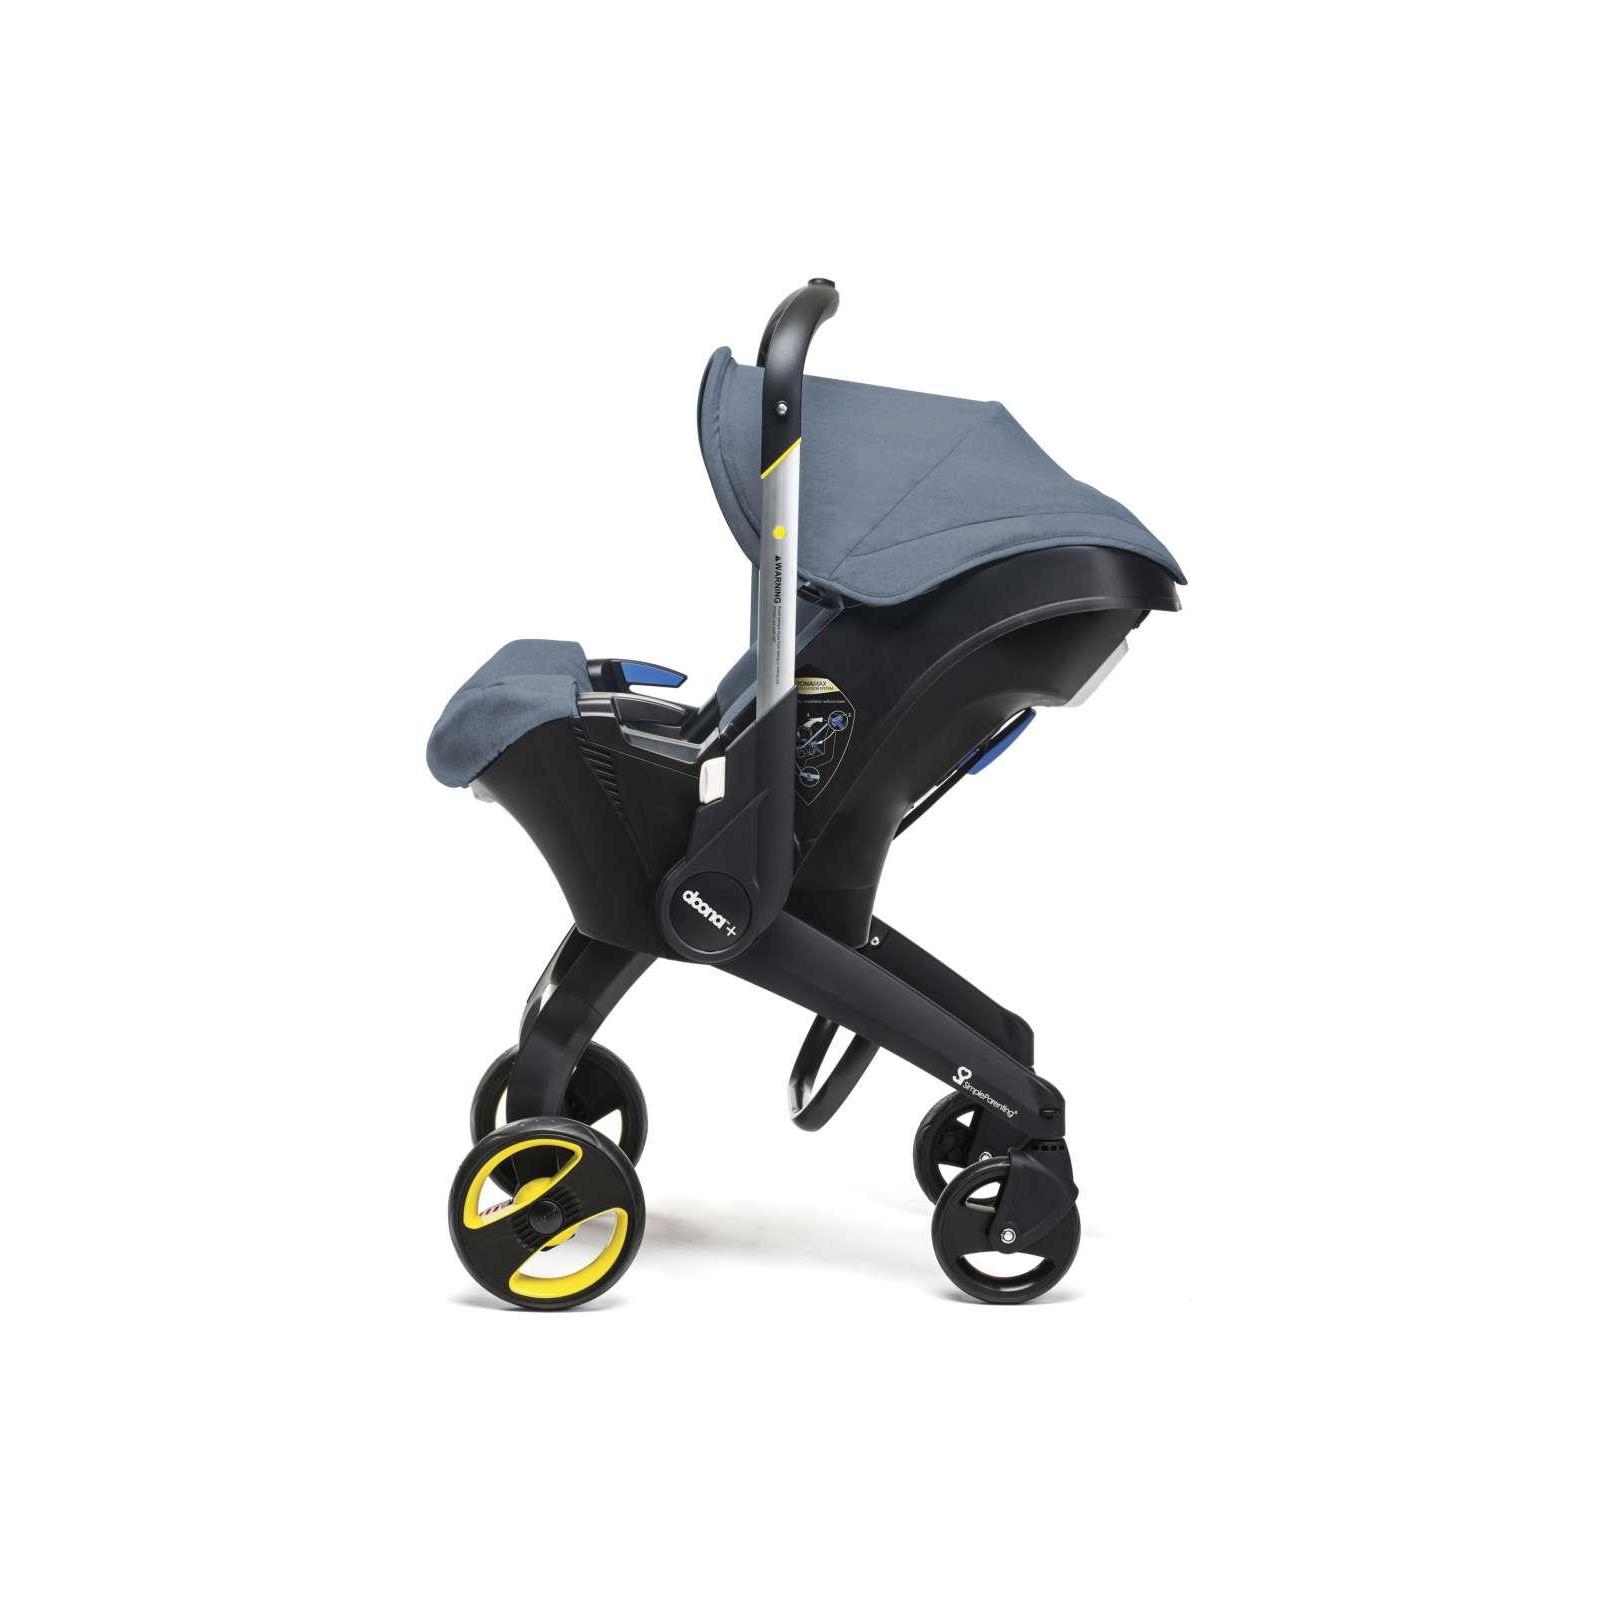 Автокресло Doona Infant Car Seat / Серое (SP150-20-006-015) изображение 6